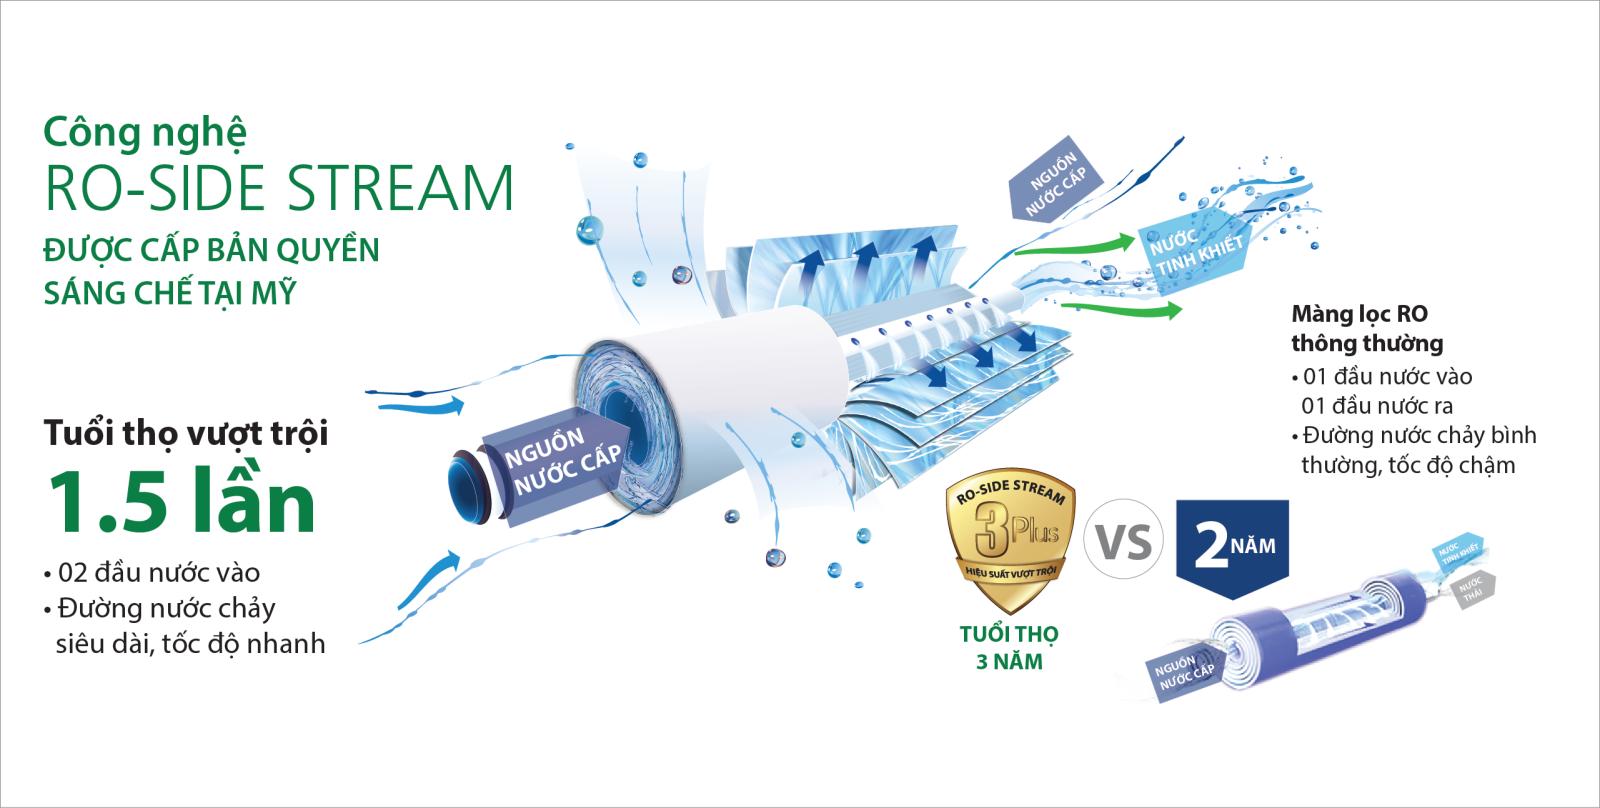 Máy lọc nước đặt bàn A.O.Smith Model Z7 công nghệ lọc RO năm 2018-1